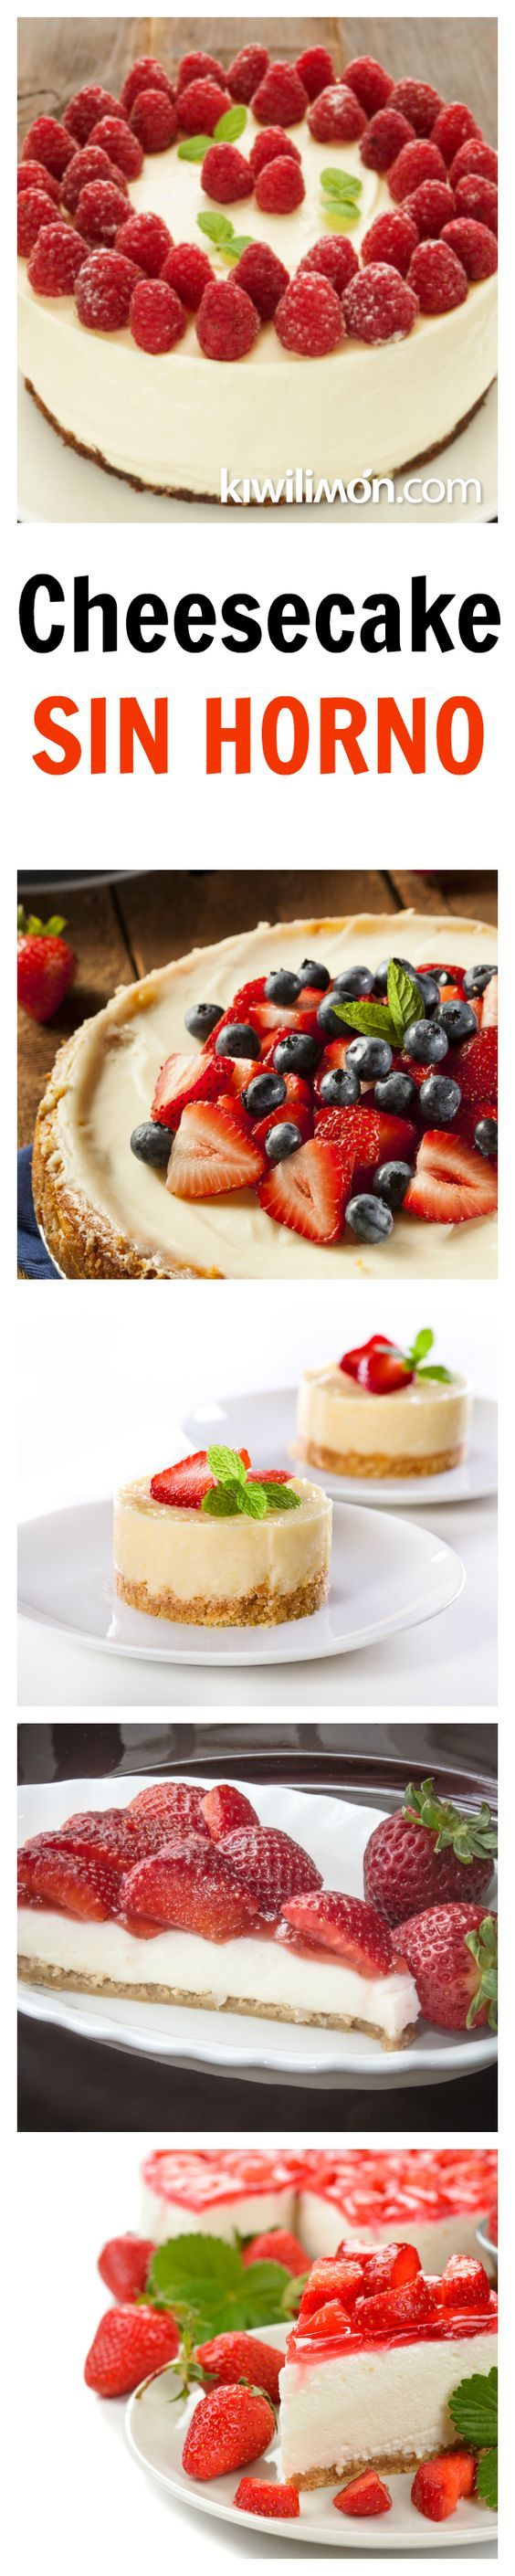 Esta rica receta de cheesecake no requiere de un horno ya que va congelado. Queda buenísimo decorado con frambuesas y acompañado de mermelada de fresas.: